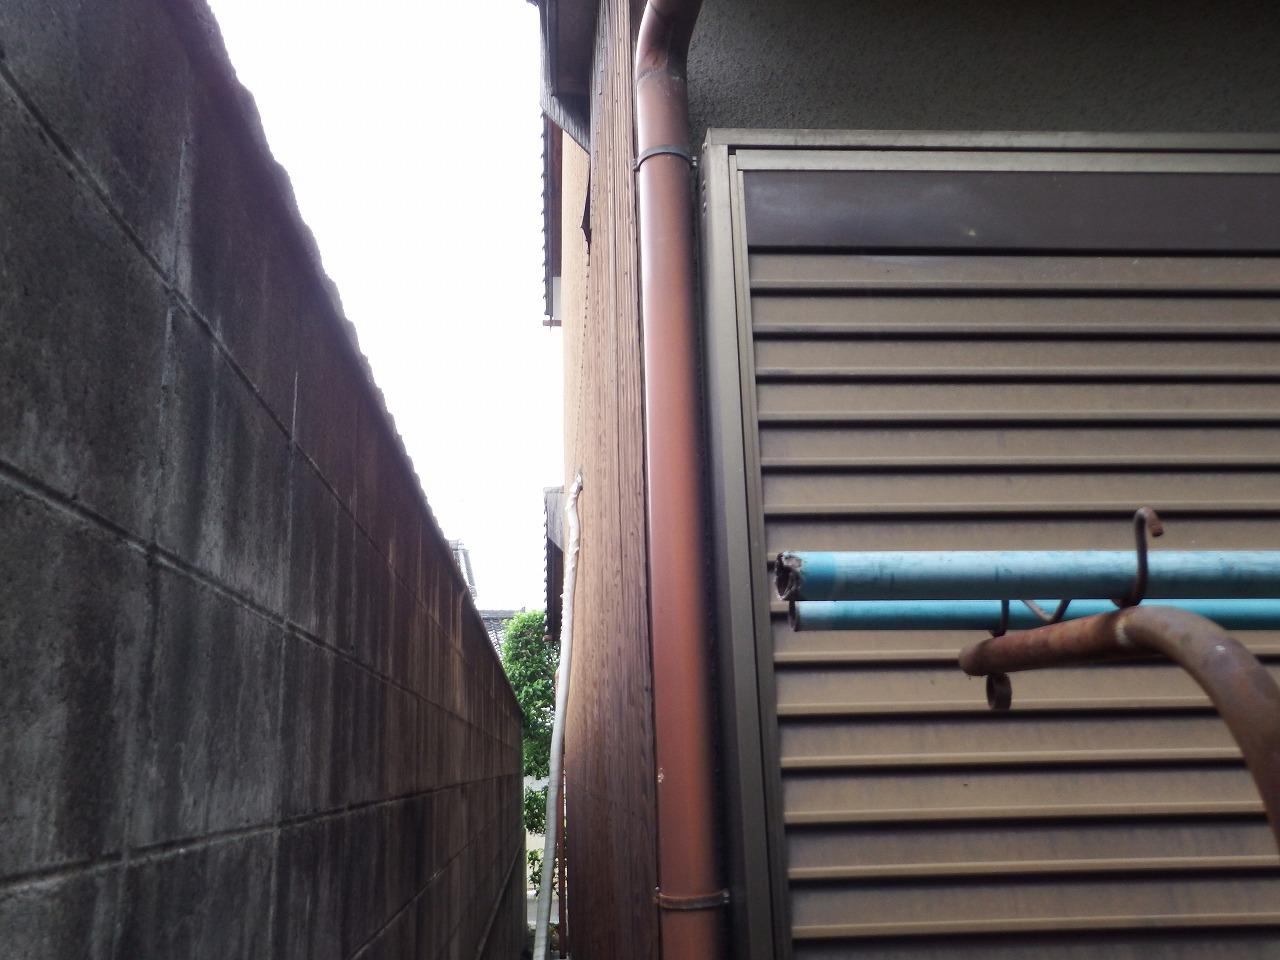 橿原市の2階建瓦屋根の住宅の竪樋